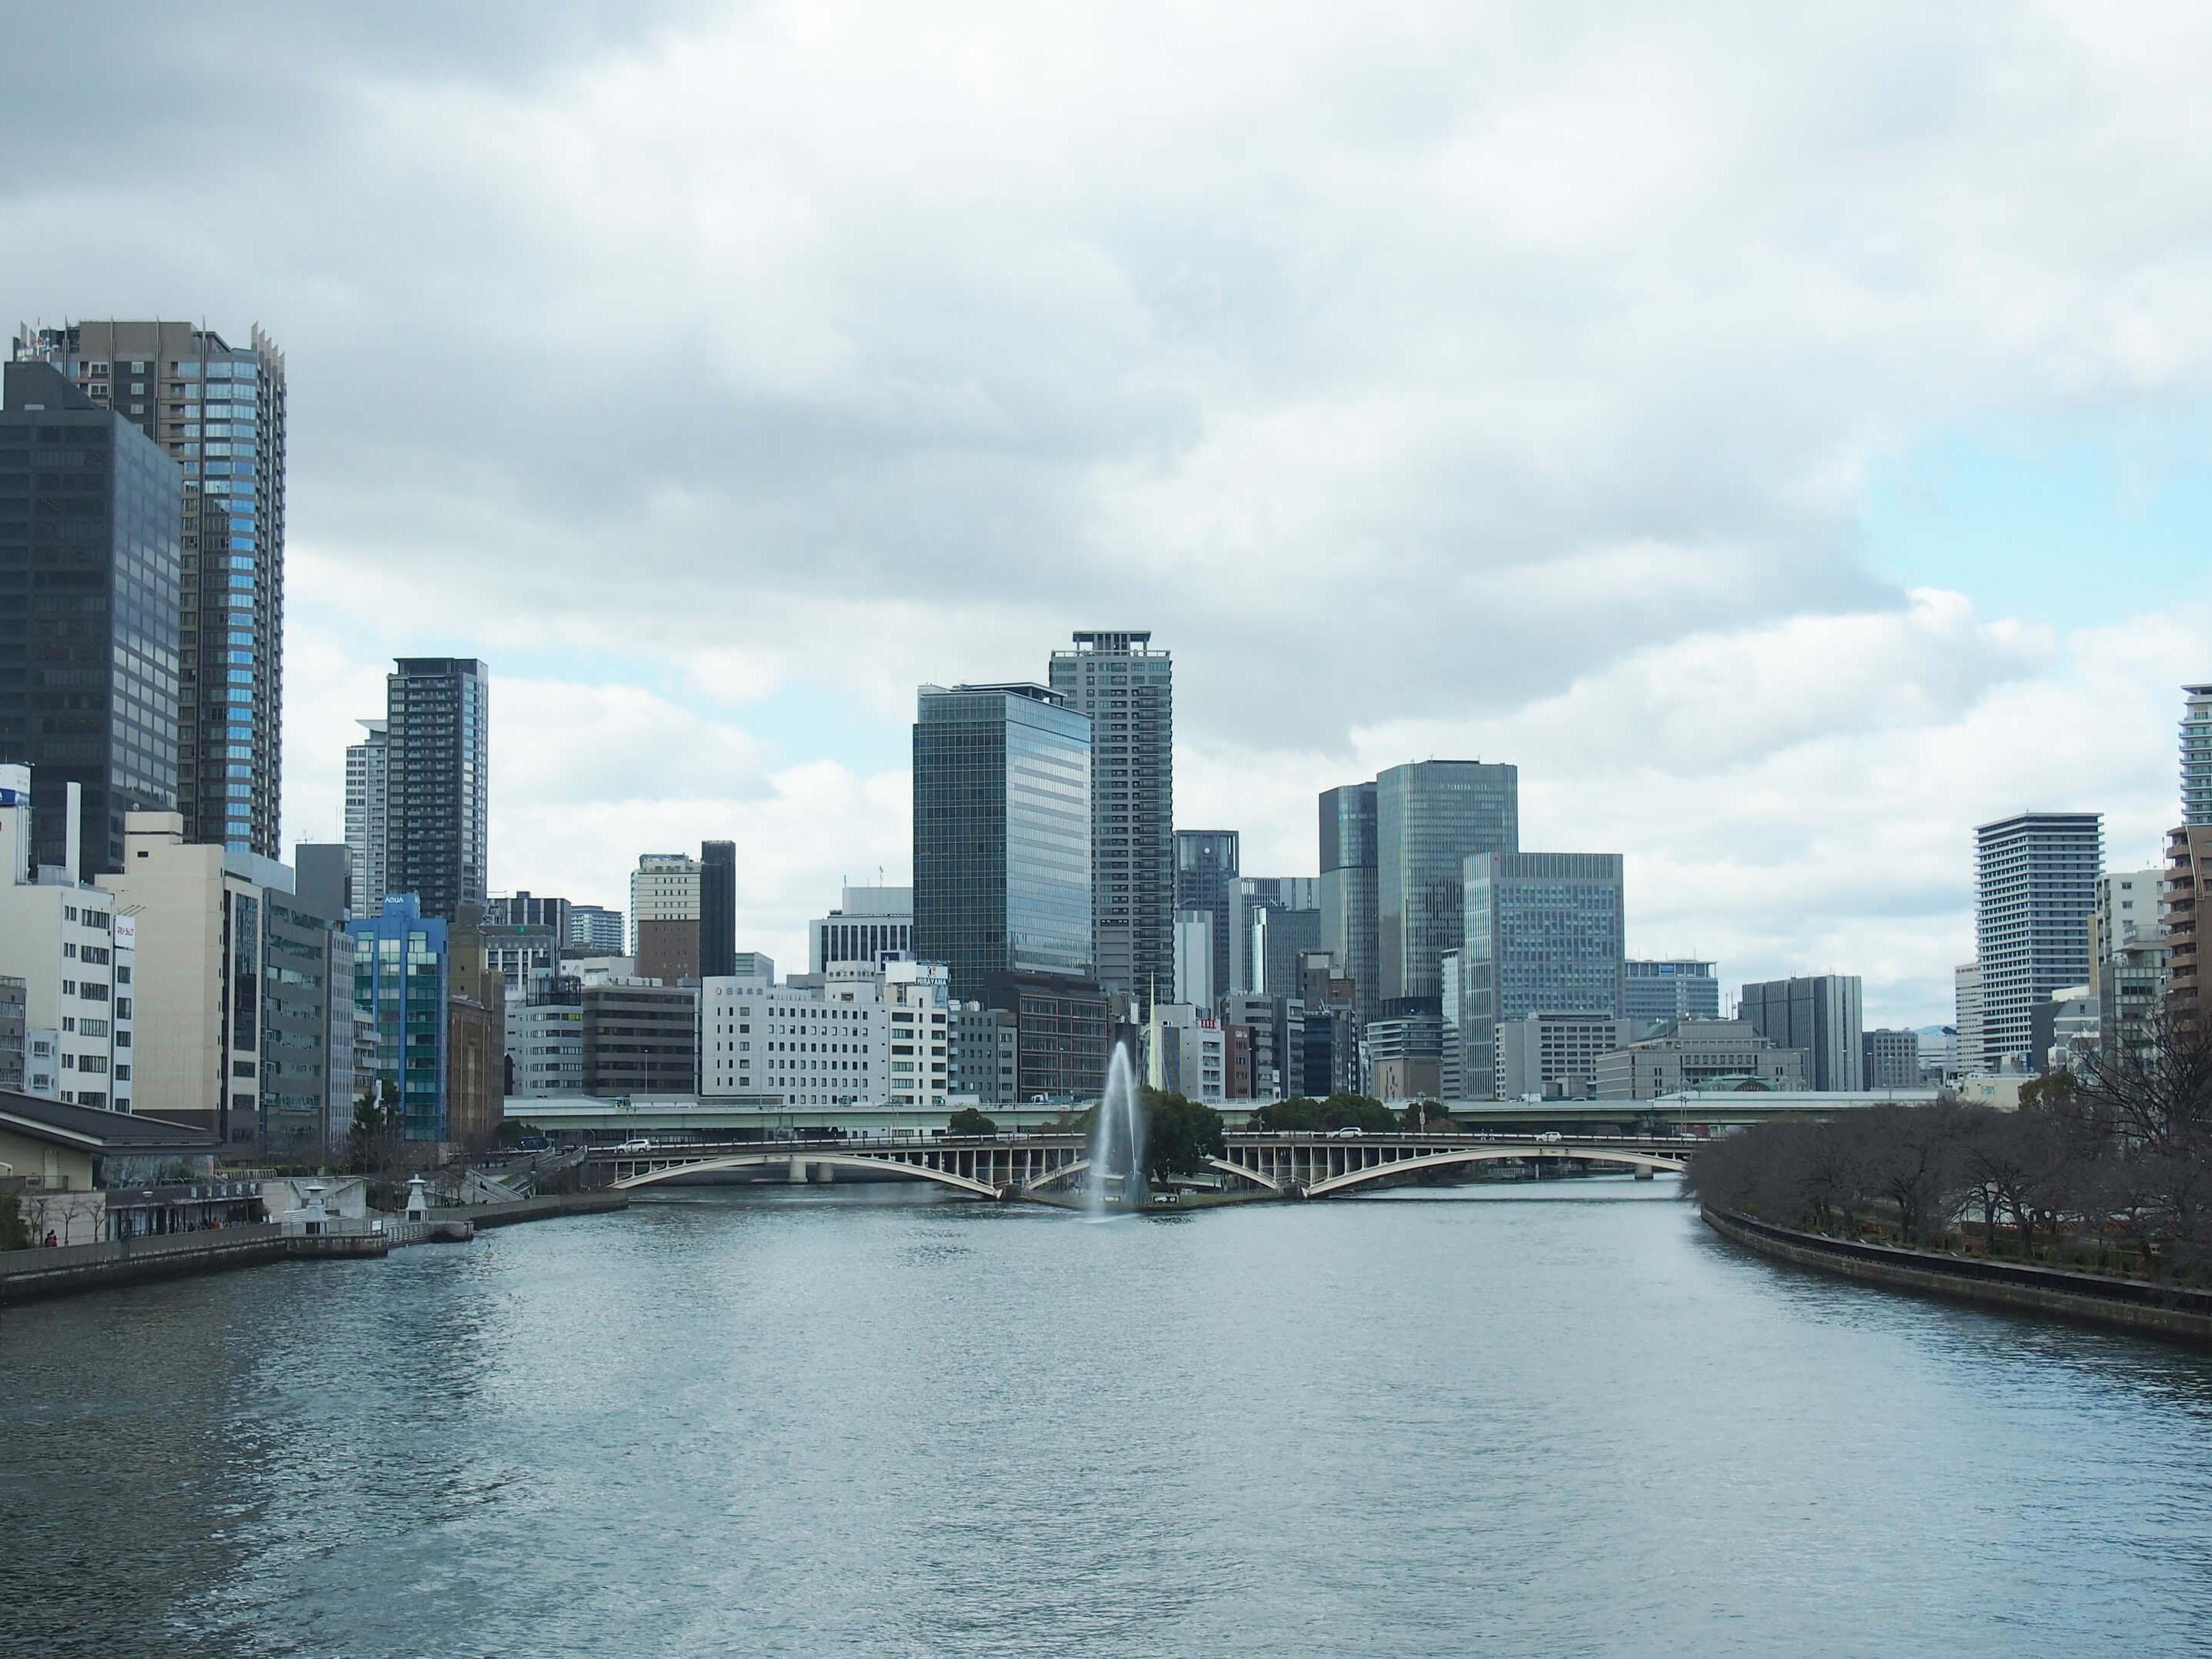 岸田さんが「中之島が最も美しく見えるおすすめのスポット」だという、天満橋の中ほどからの光景。ゆるやかに流れる川をまたぐ、天神橋の橋脚のアーチ形状が美しい。